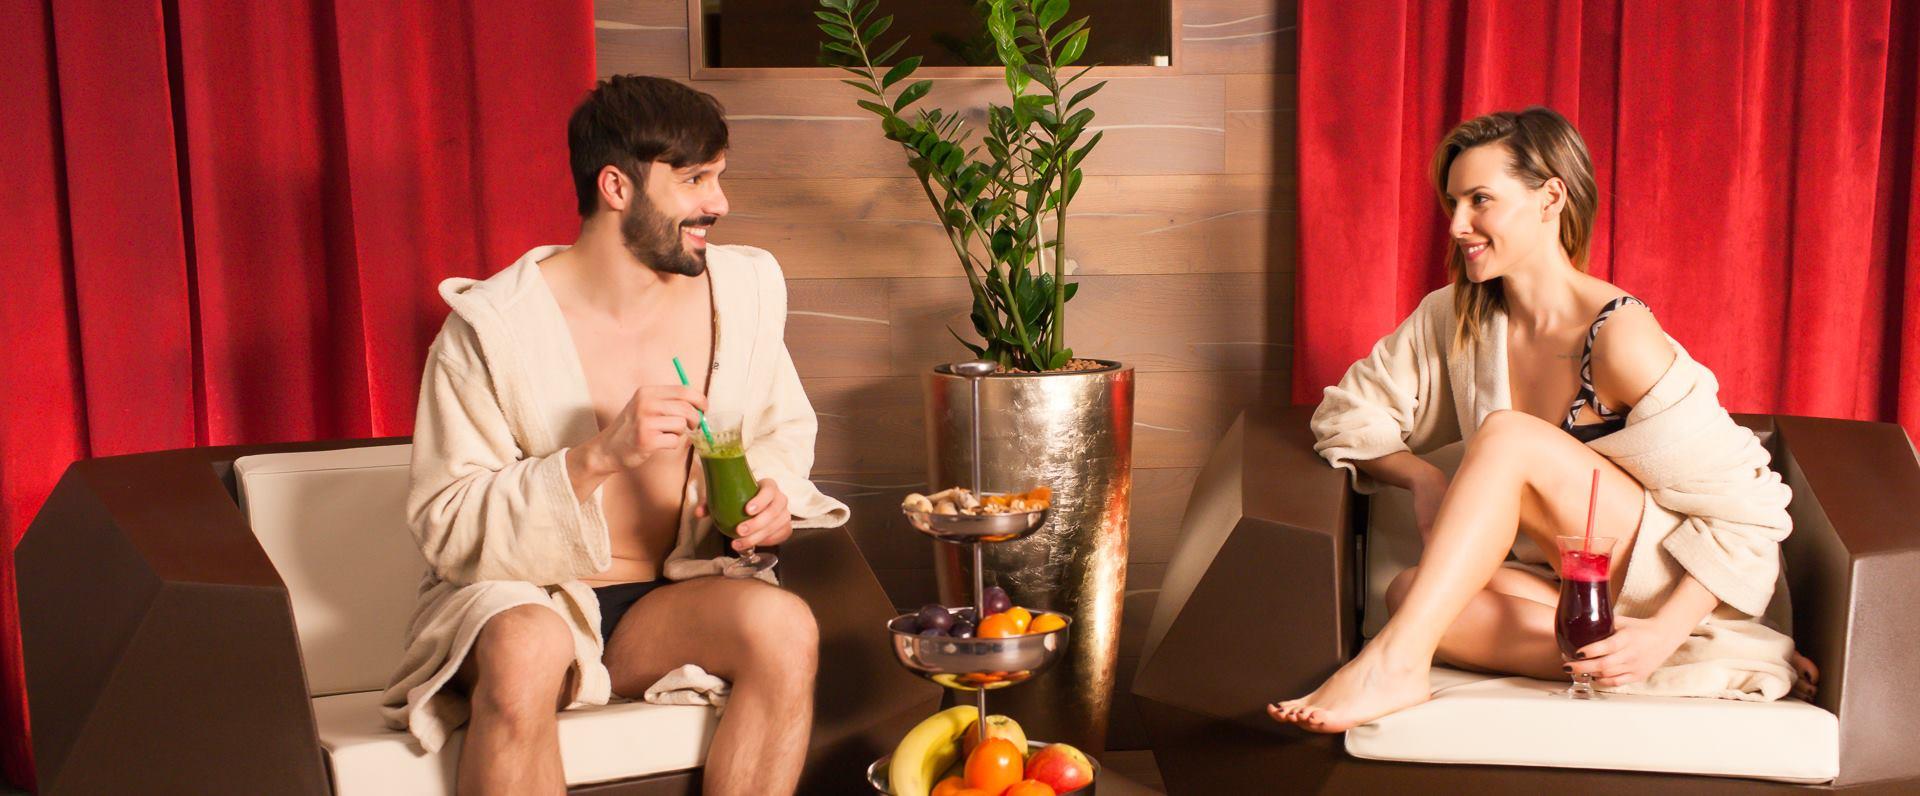 Rogaška Hotels & ROI Spa privlače romantikom i opuštajućim tretmanima